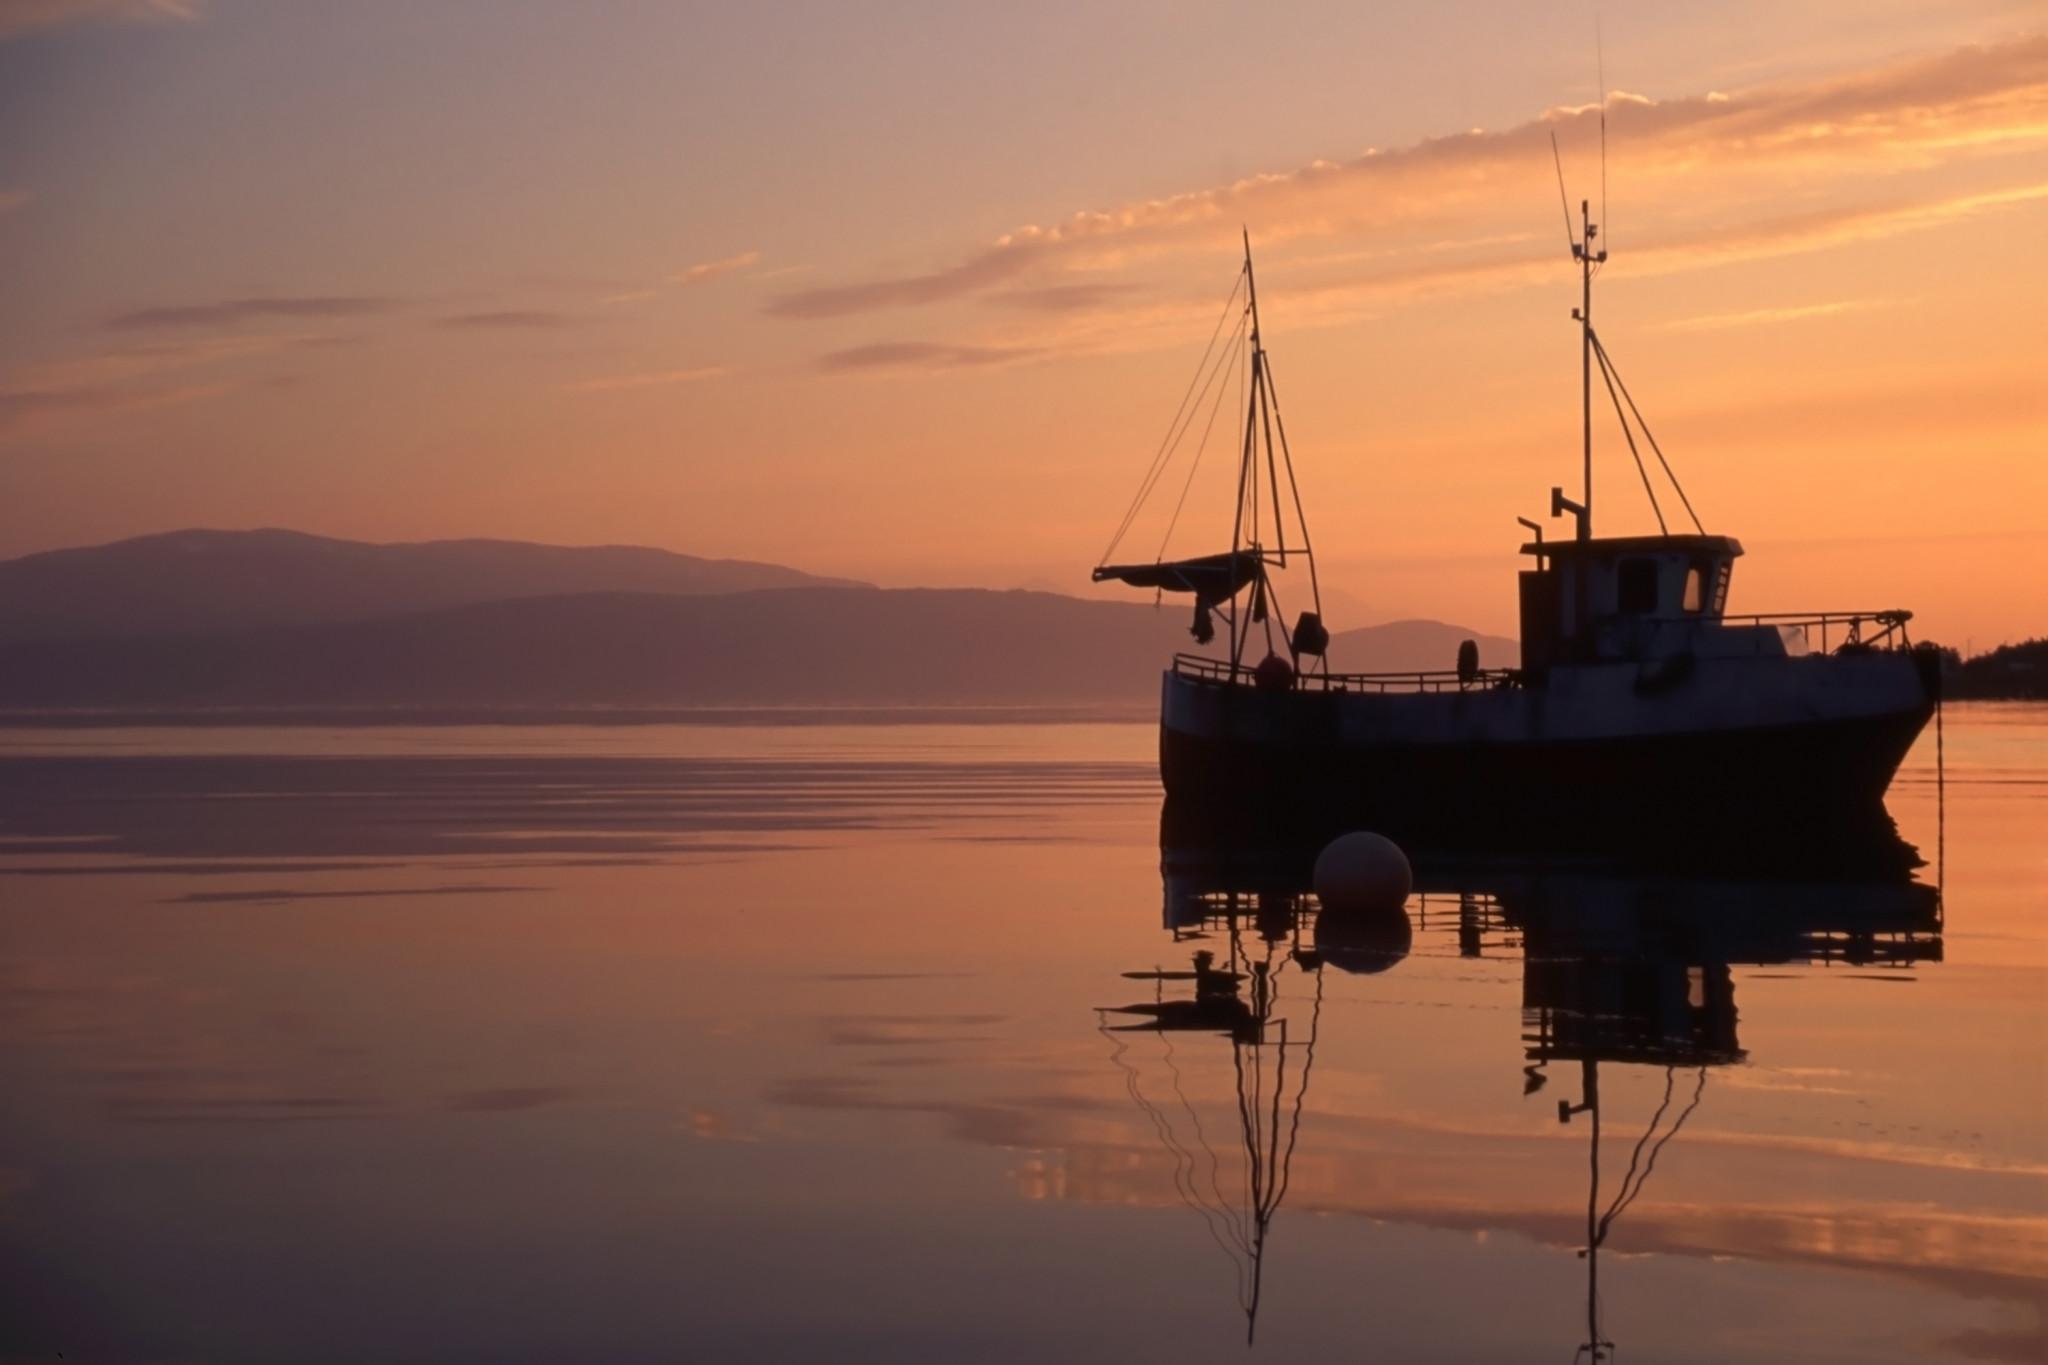 Fiskebåt i stilla vatten under soluppgång.